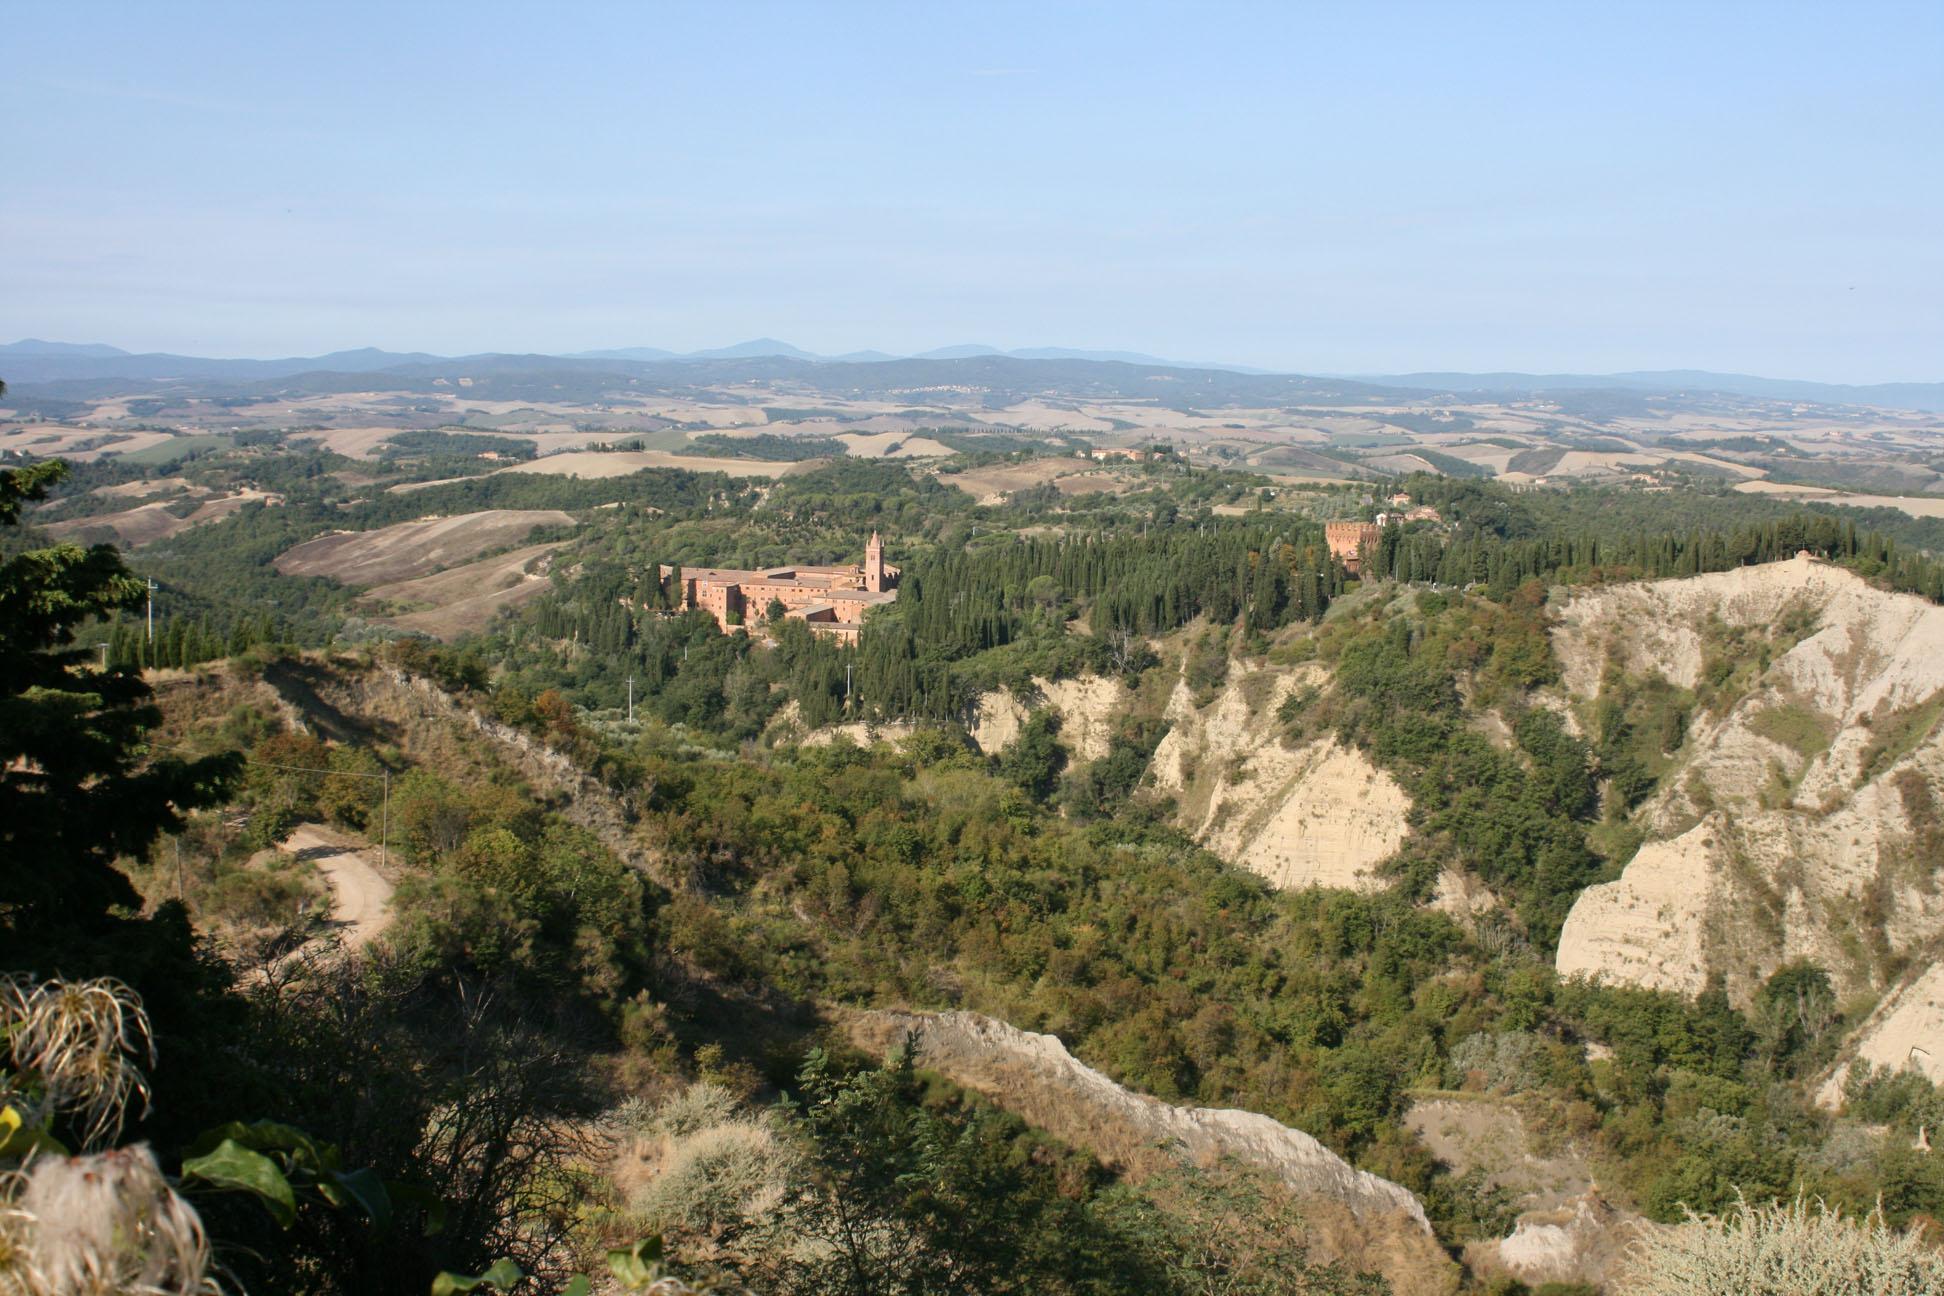 De abdij van Monte Oloveto Maggiore en de calanchi van de Crete Senes